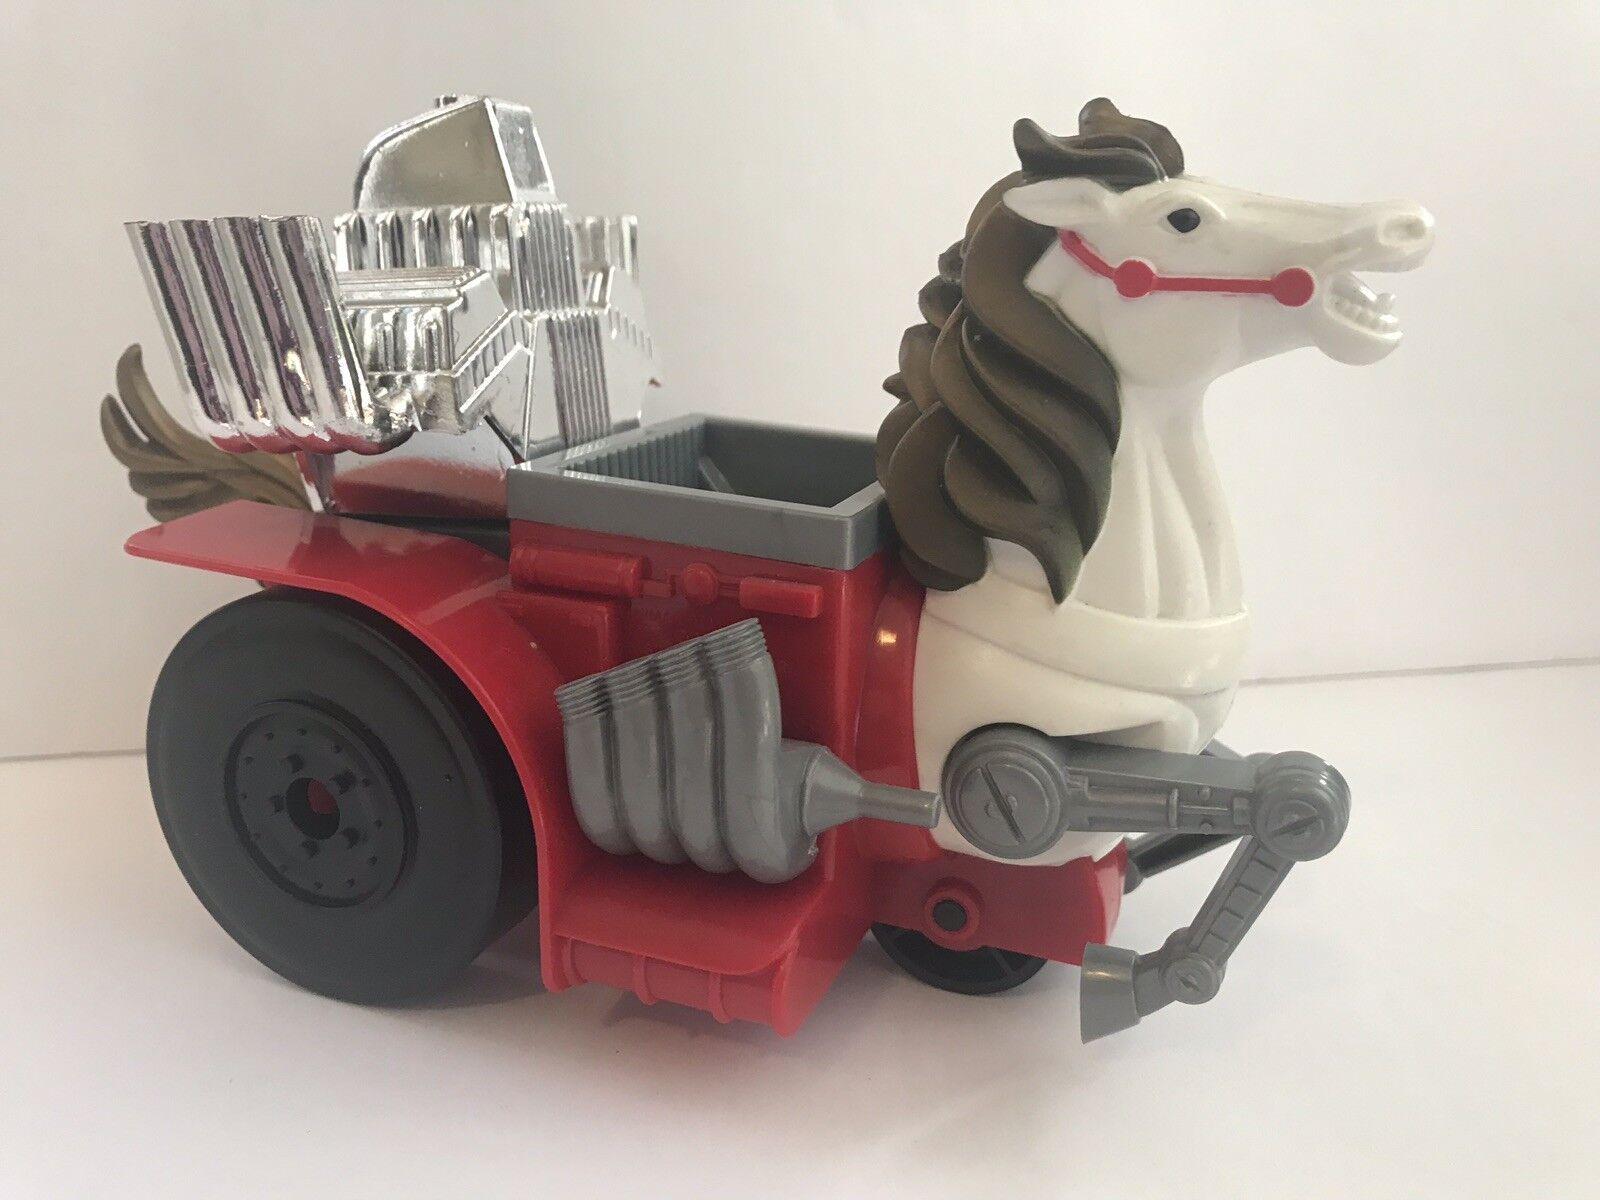 Animax energiahorse Vehicle Schaper Kiscom 1986